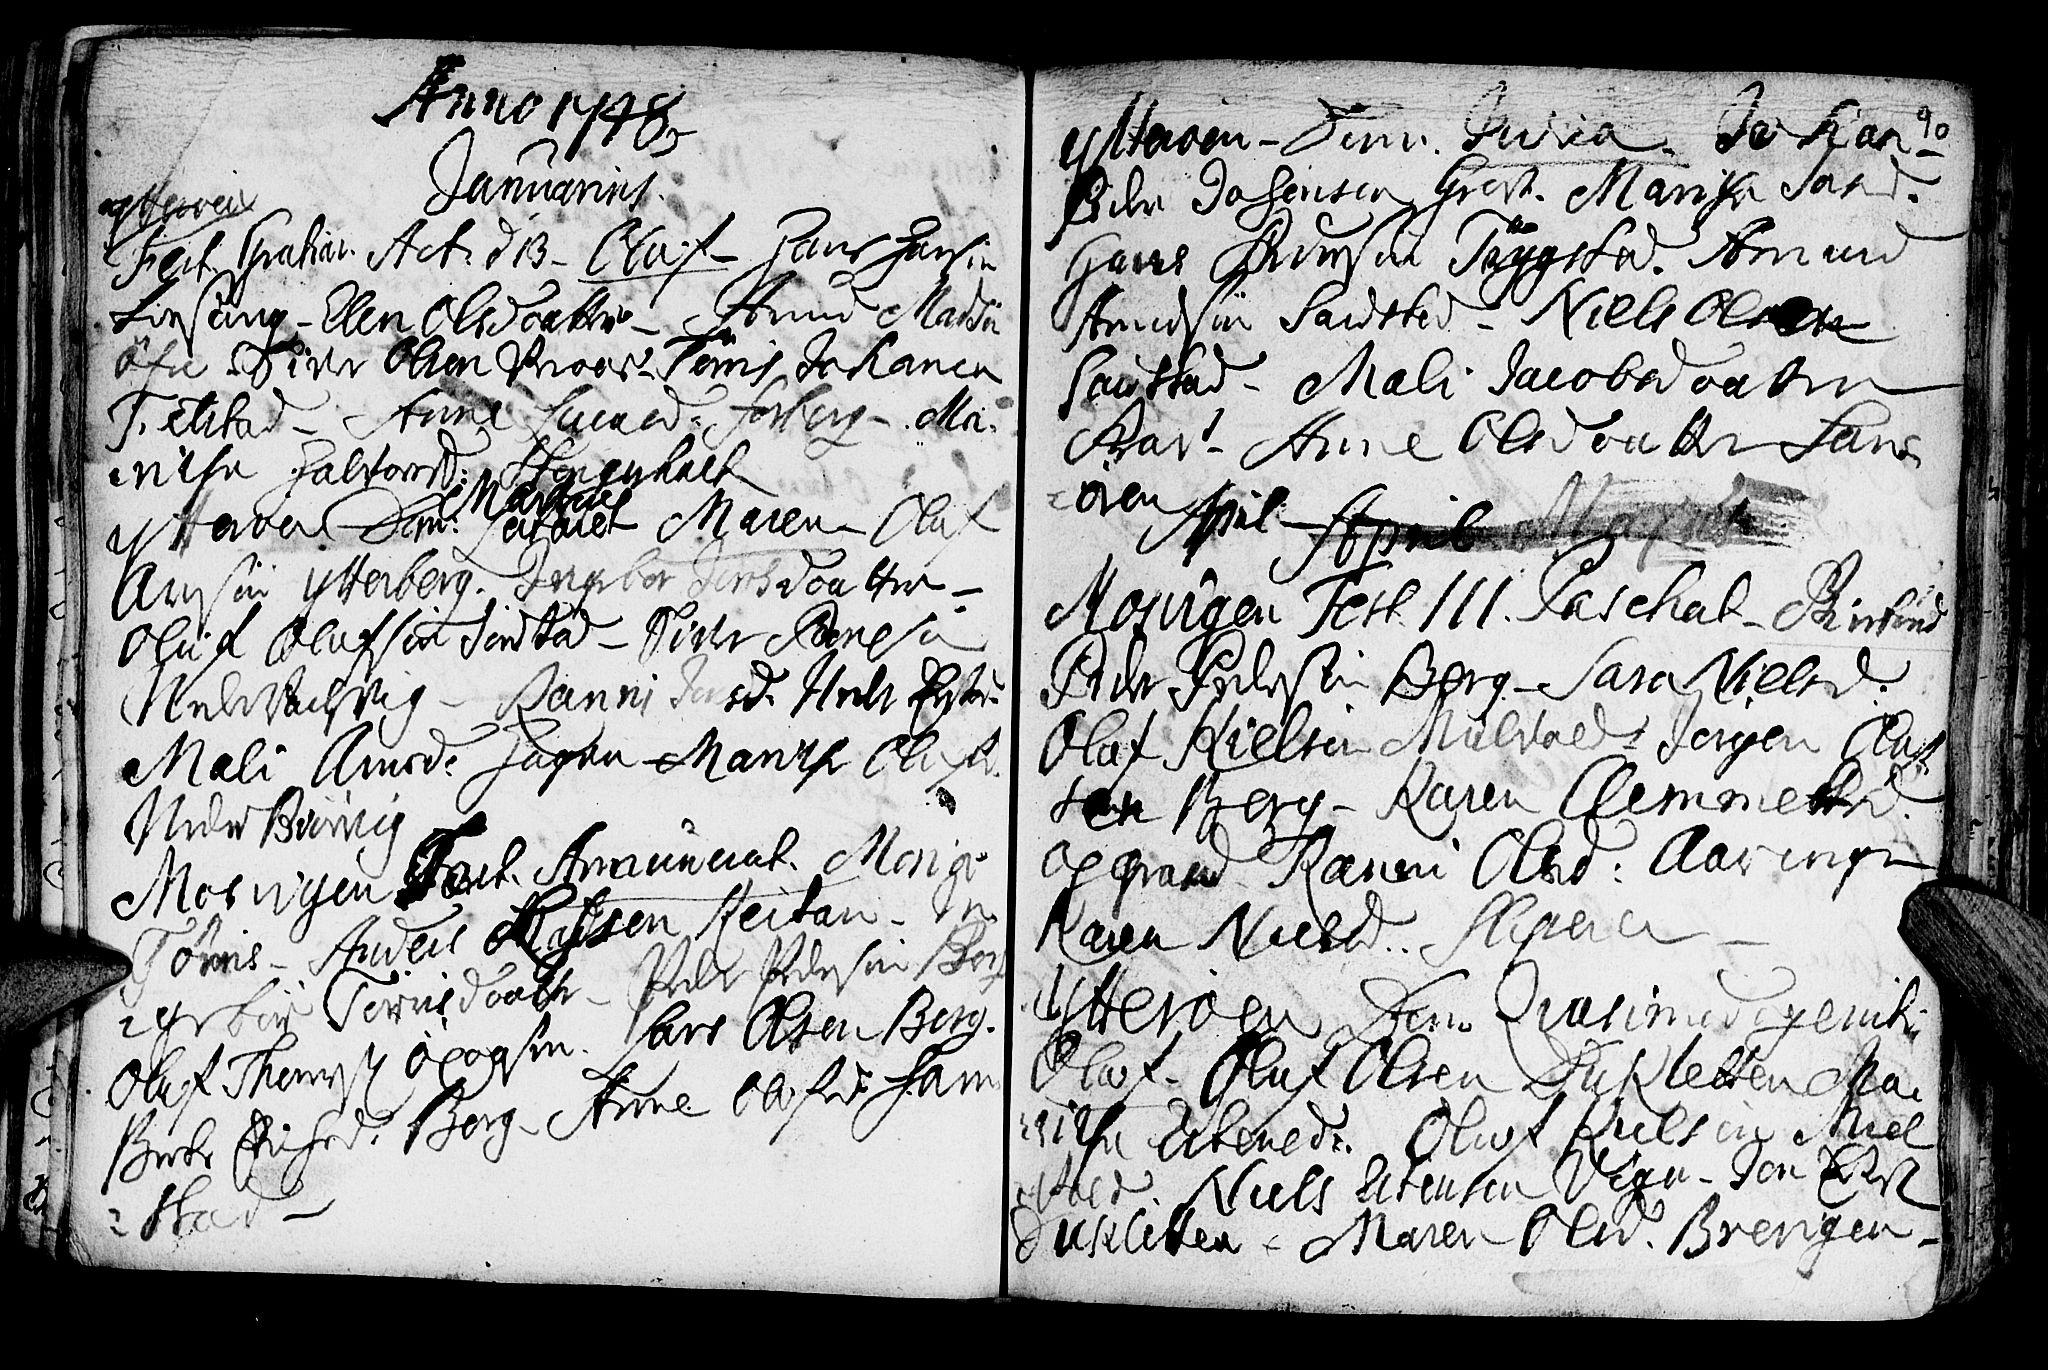 SAT, Ministerialprotokoller, klokkerbøker og fødselsregistre - Nord-Trøndelag, 722/L0215: Ministerialbok nr. 722A02, 1718-1755, s. 90